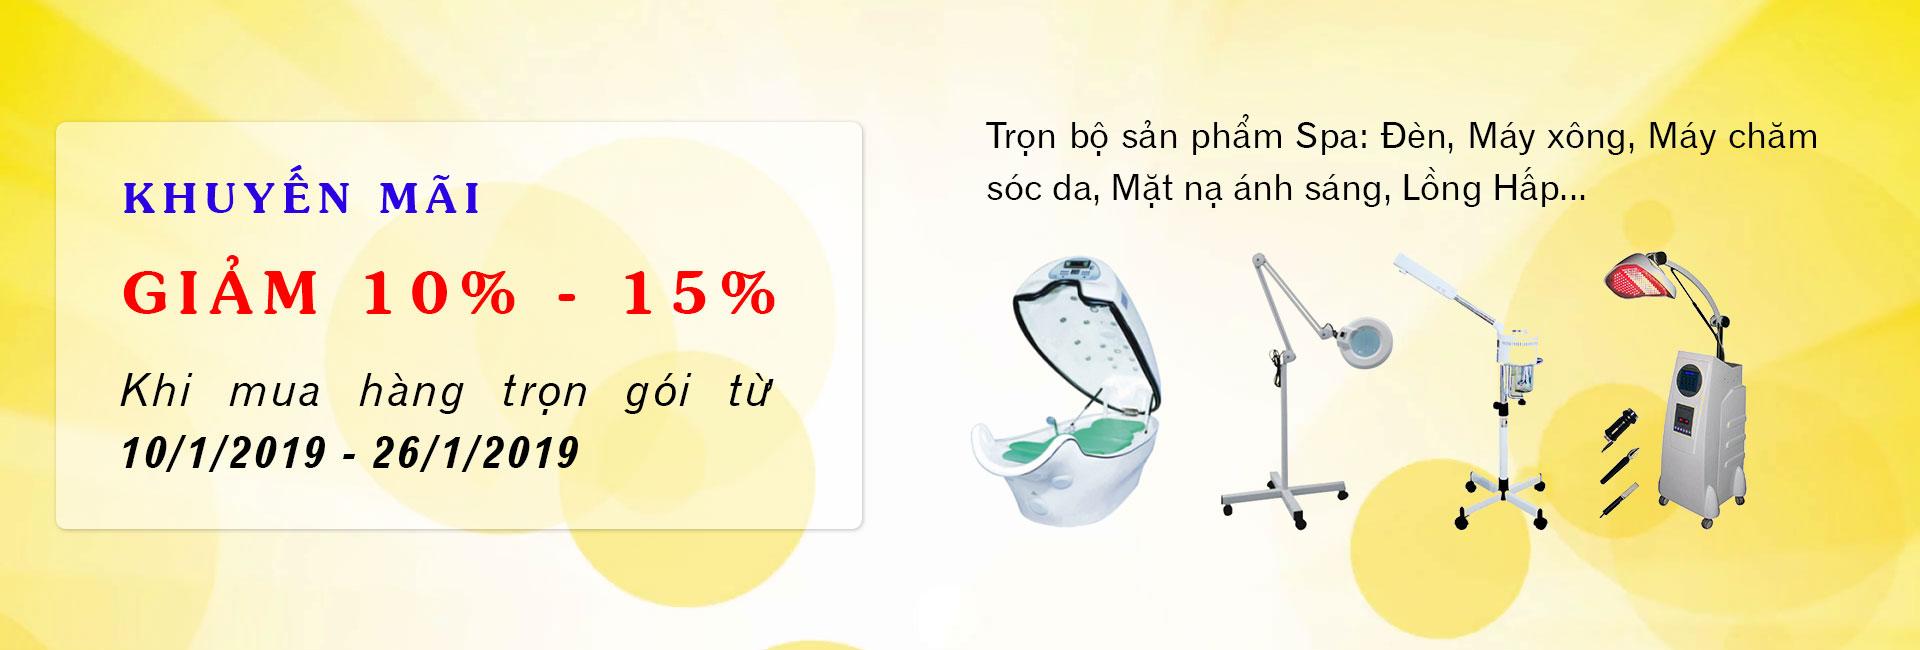 Khuyến mãi giảm 10% đến 15% khi mua trọn bộ sản phẩm SPA